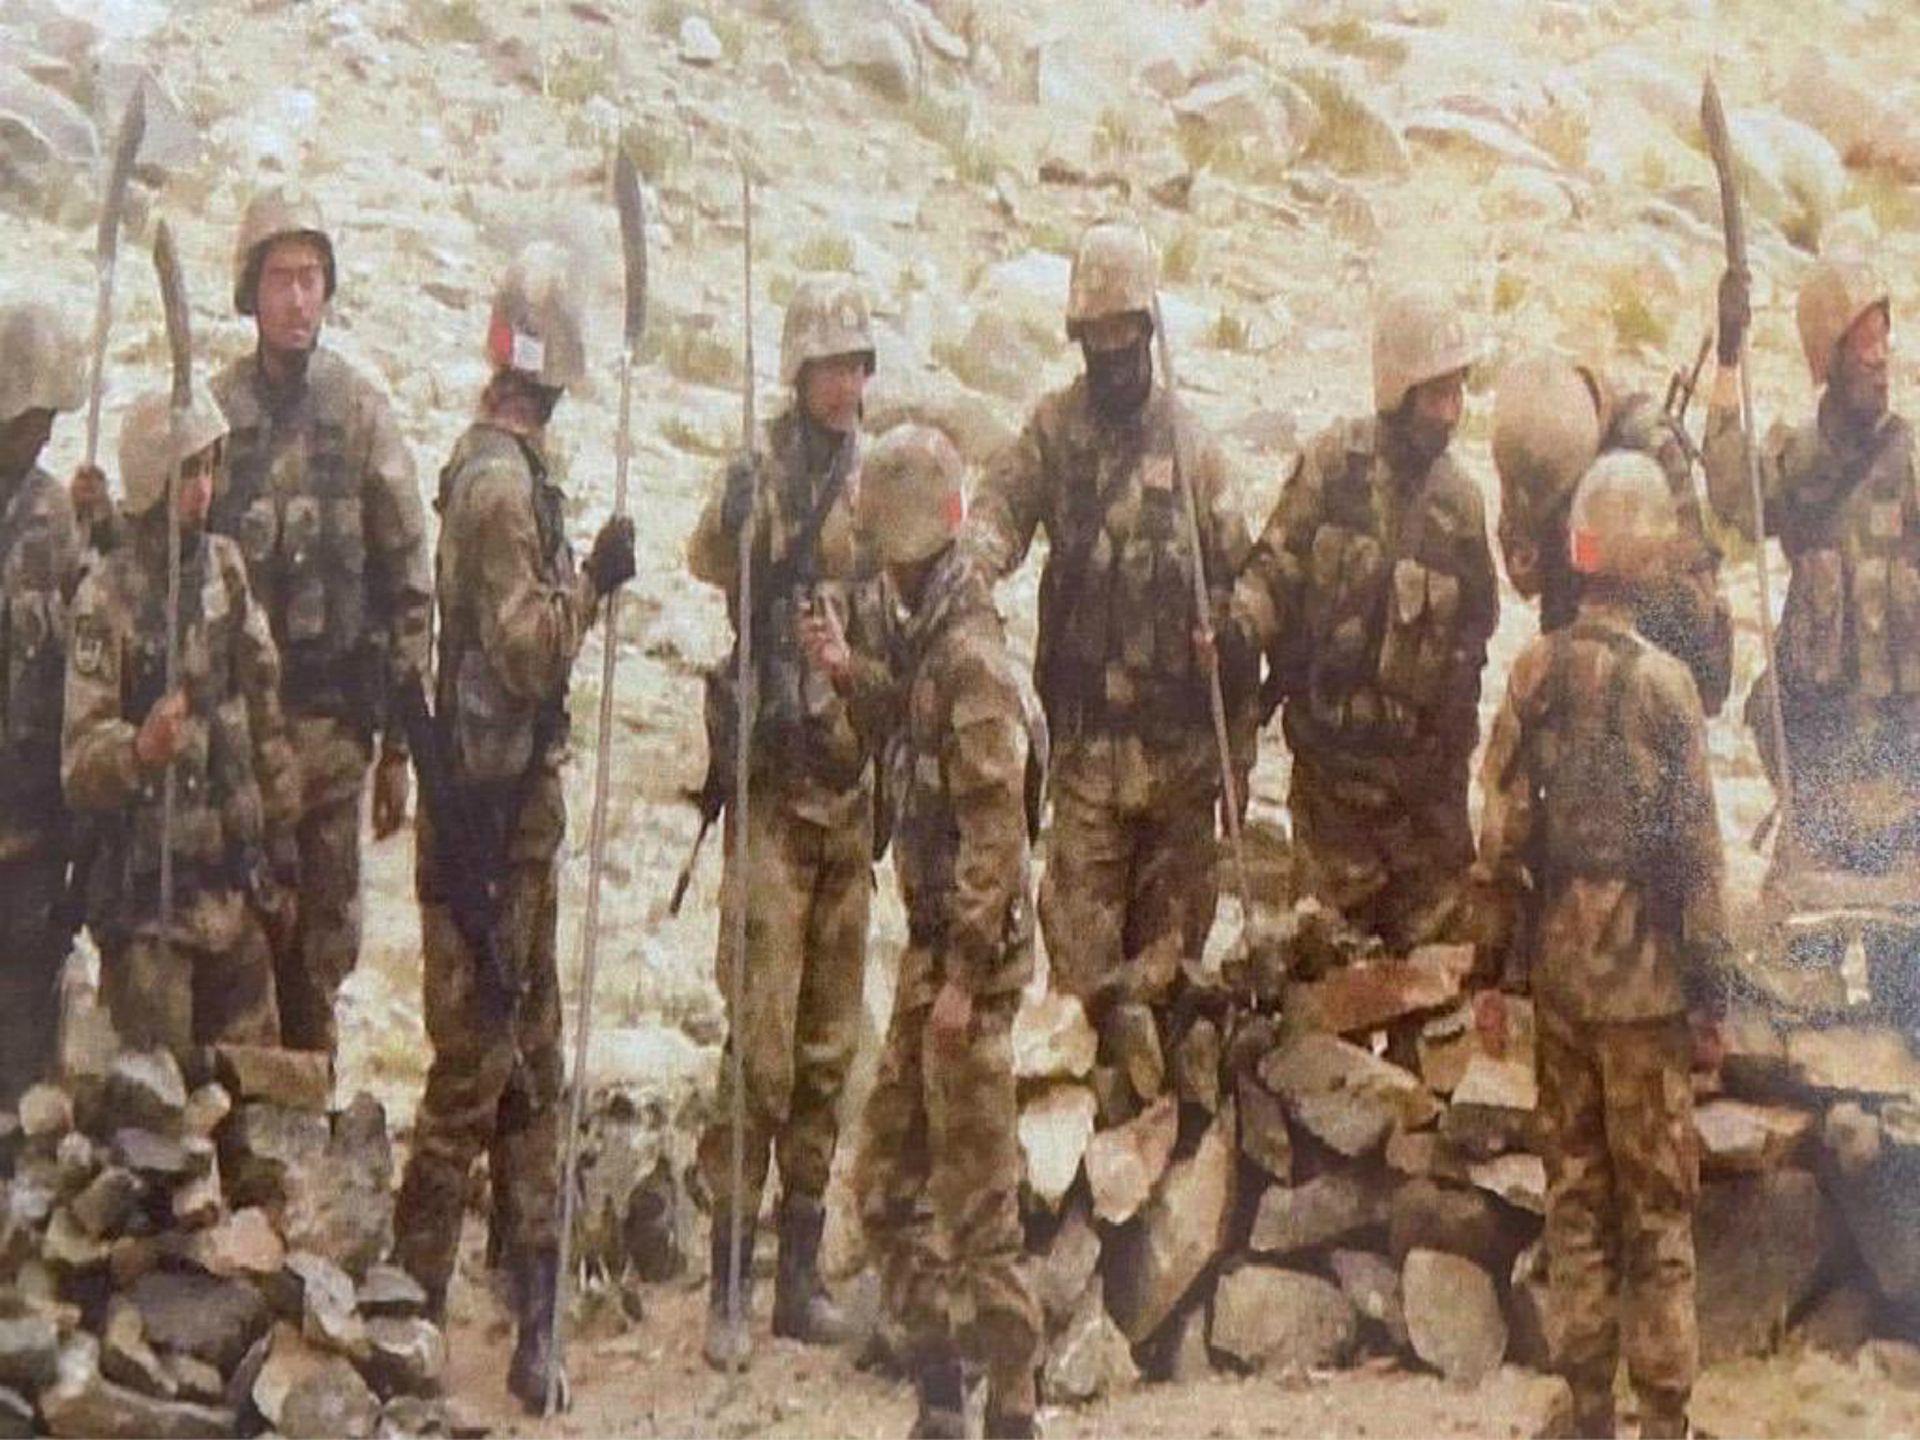 披露解放军持大刀照 中印军官在电话中激烈交锋